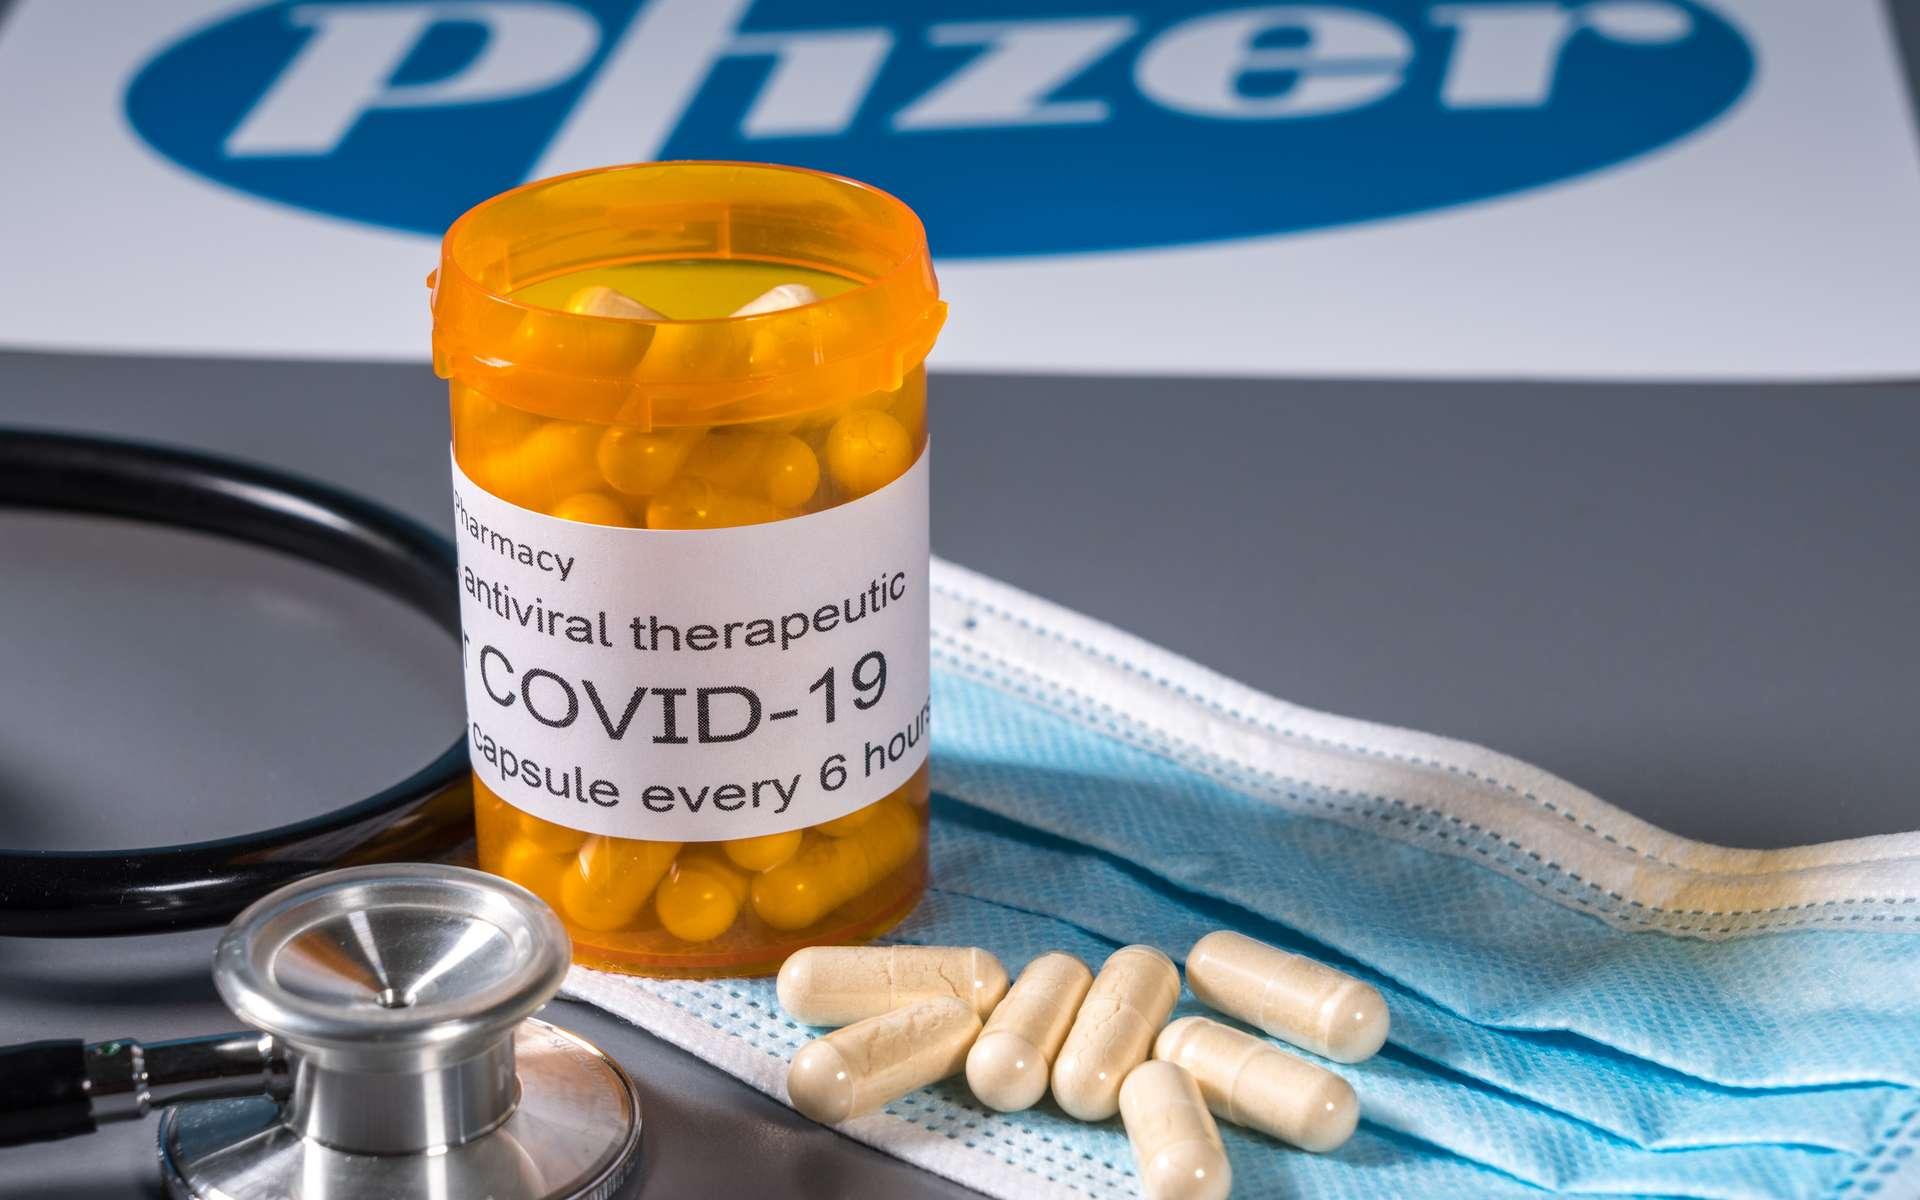 Après son vaccin, Pfizer teste un antiviral contre la Covid-19. © steheap, Adobe Stock